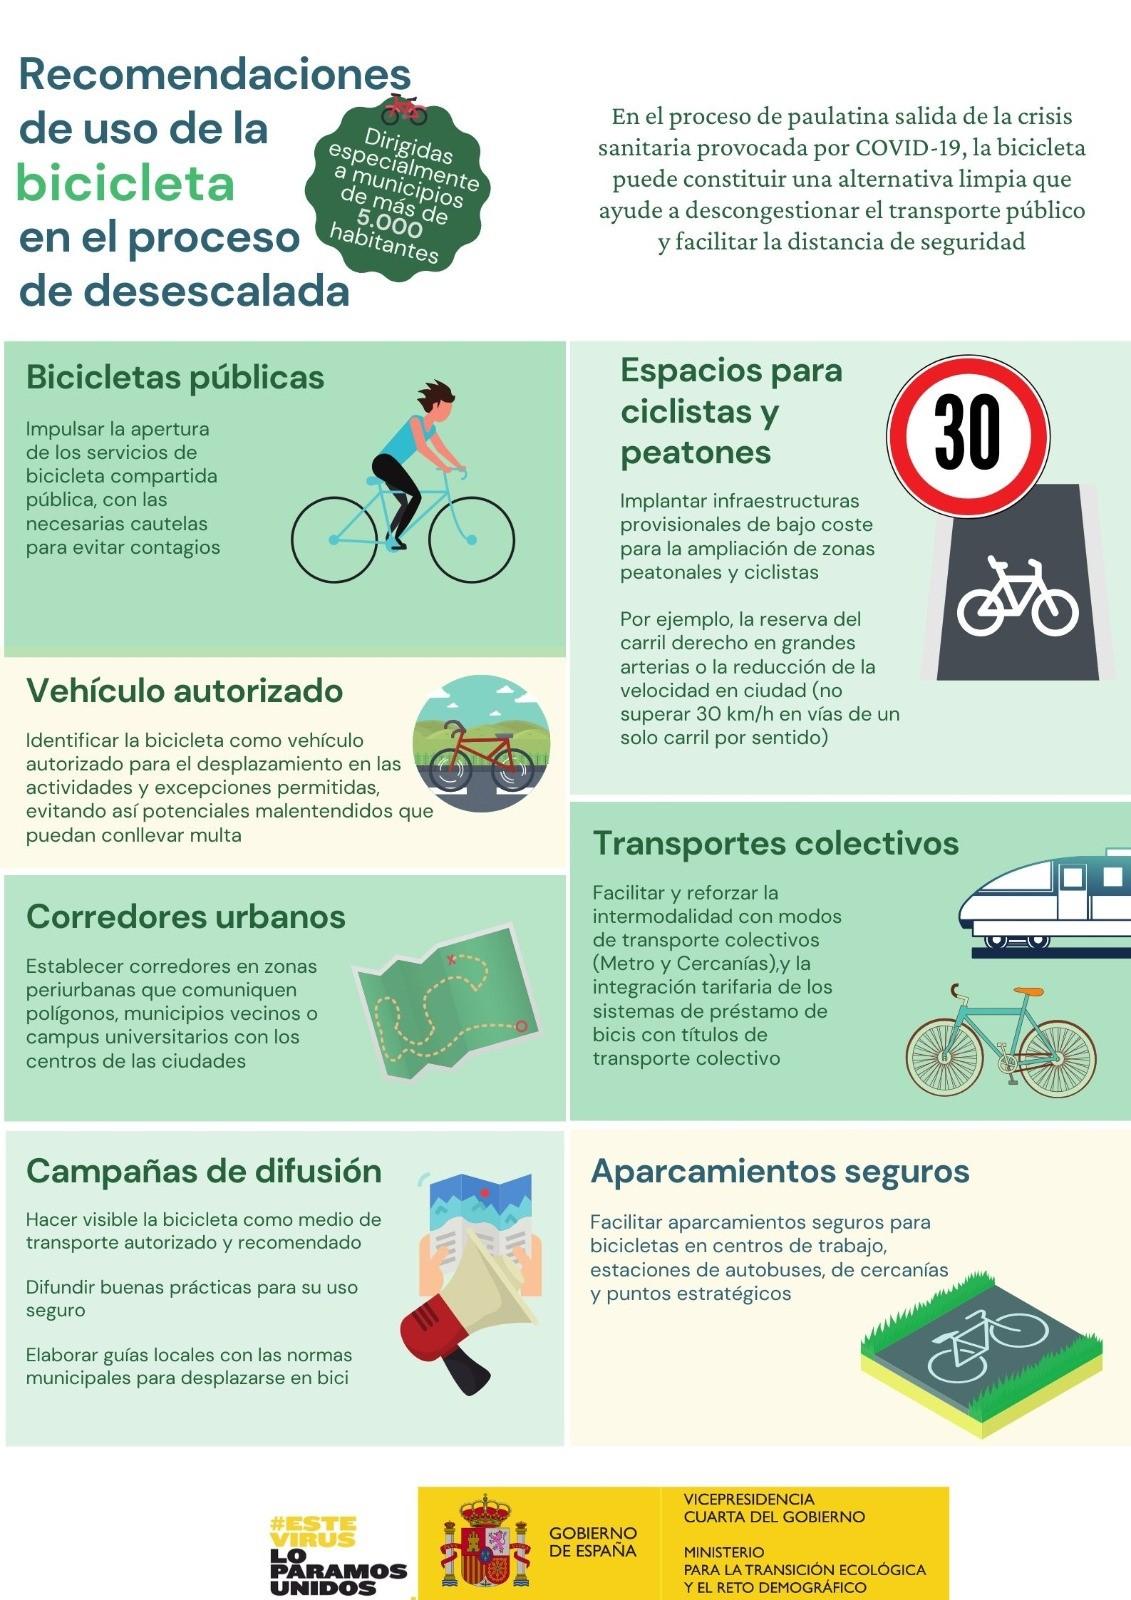 Recomendaciones para el uso de la bicicleta en la desescalada. Imagen: Miteco